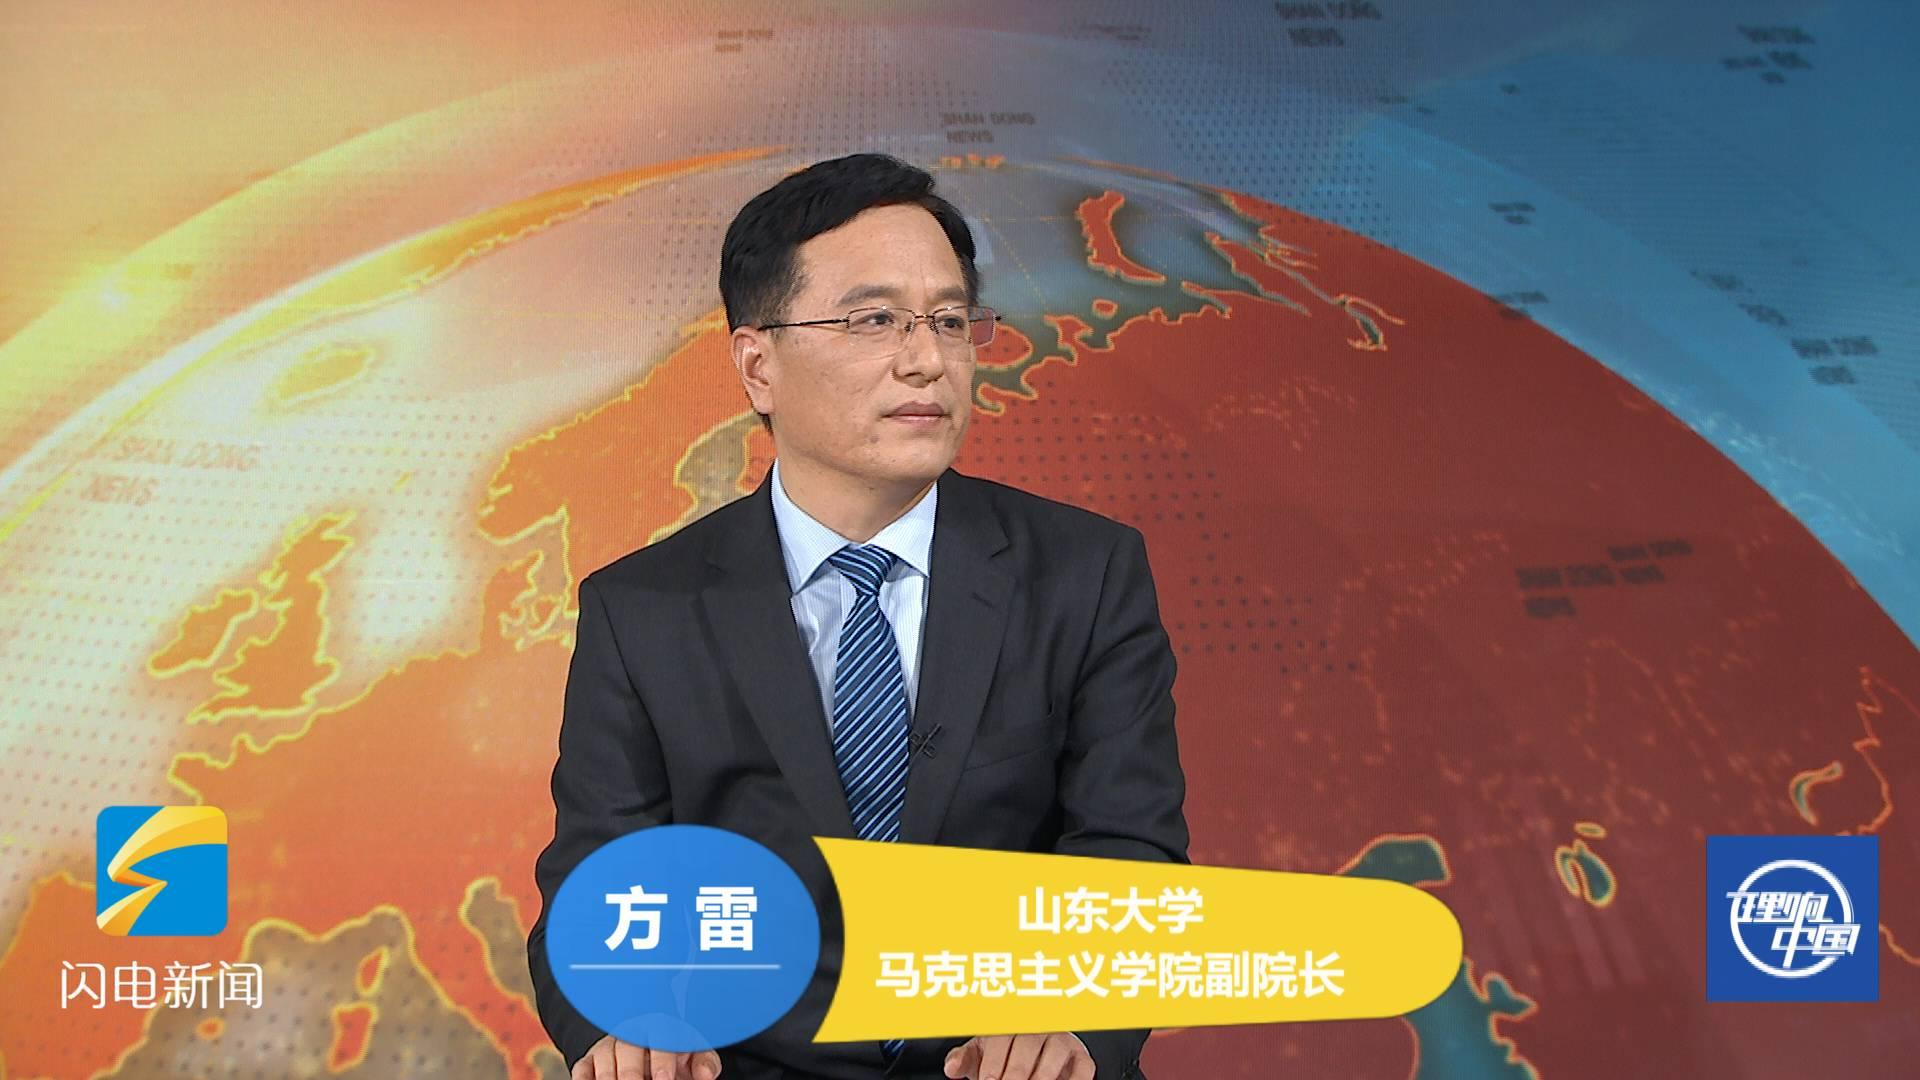 【重磅解读】方雷:坚持党要管党、全面从严治党是中国共产党最鲜明的品格